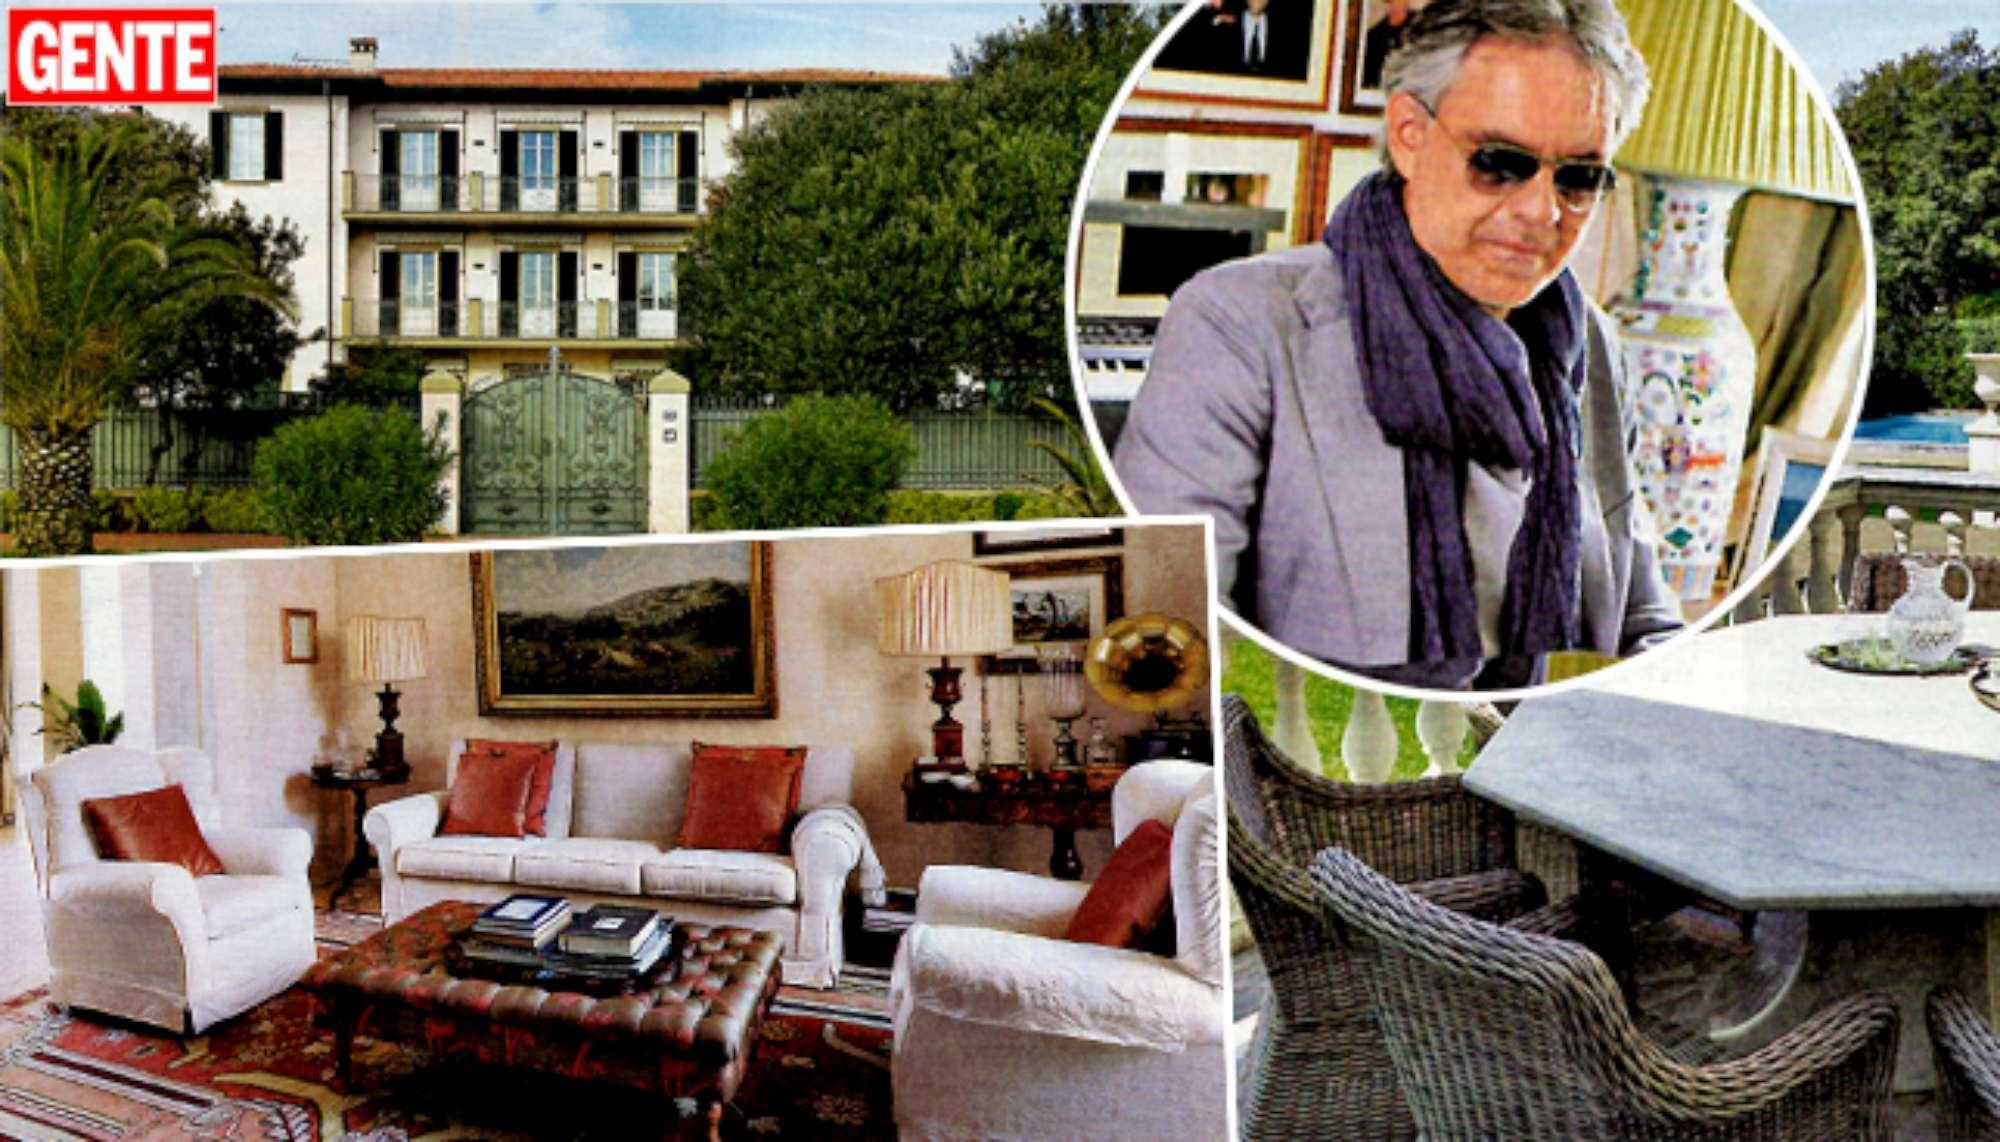 Andrea bocelli ecco la sua villa di lusso a forte dei marmi foto tgcom24 - Bagno bocelli forte dei marmi ...